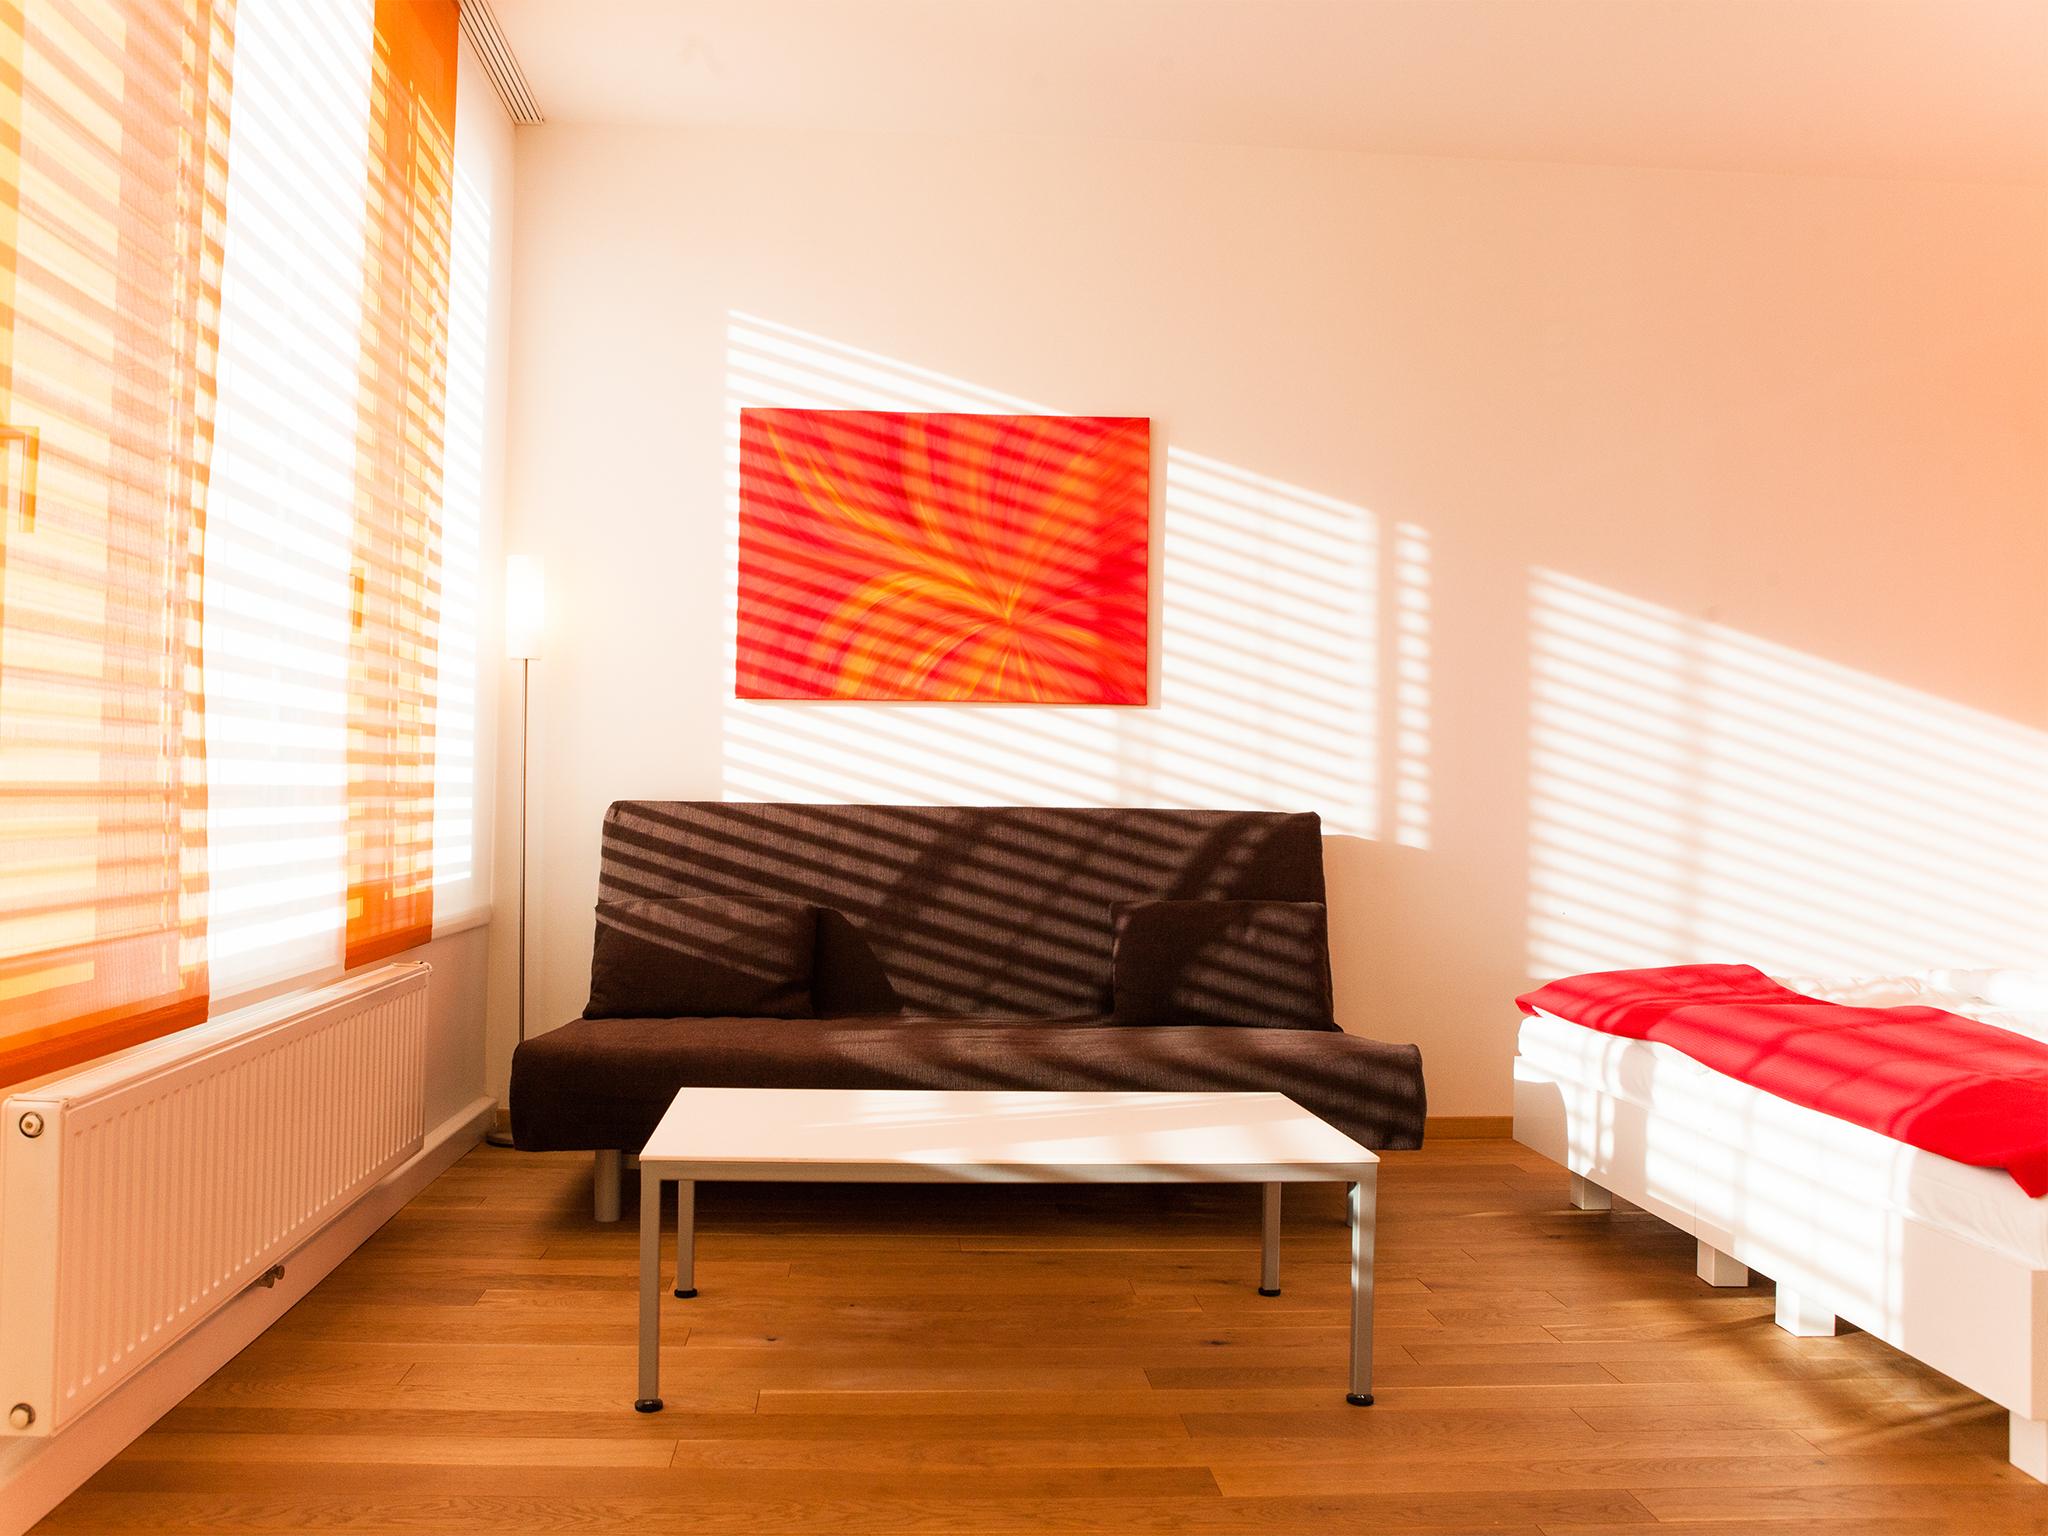 Apartment Feuer Wohnraum Hauptfoto